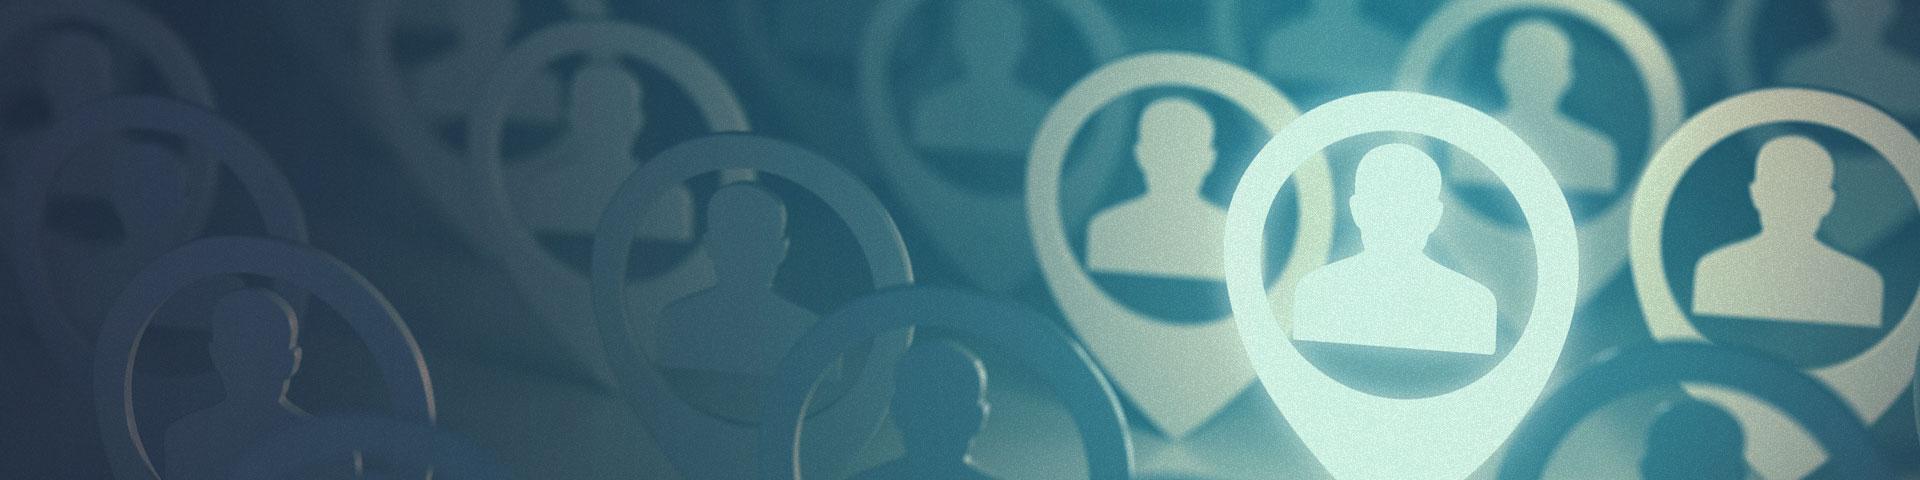 全渠道獲客運營支持。抖音、微博、公眾號等社交平臺代運營和內容制作服務,擴寬內容獲客渠道帶寬。